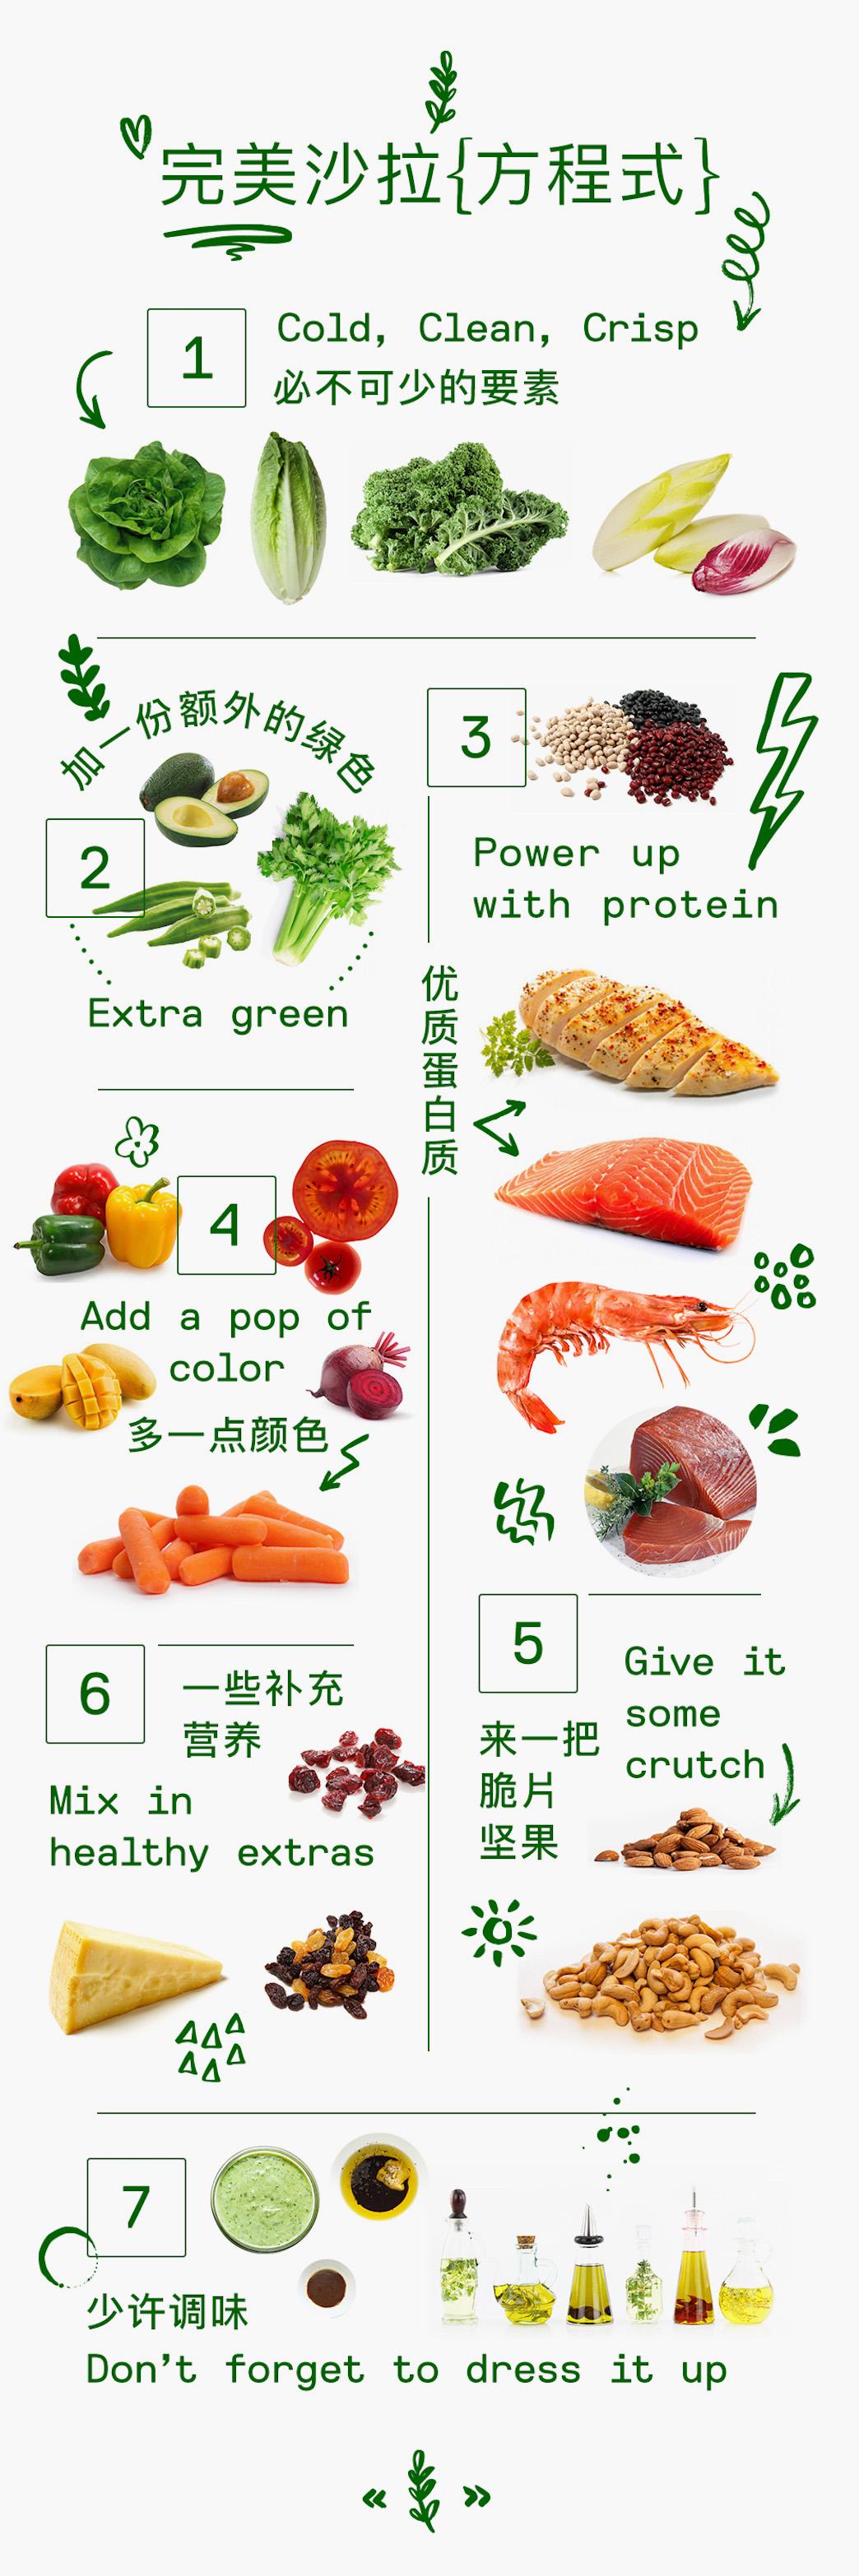 沙拉≠吃草!唤起夏日味觉的完美沙拉方程式